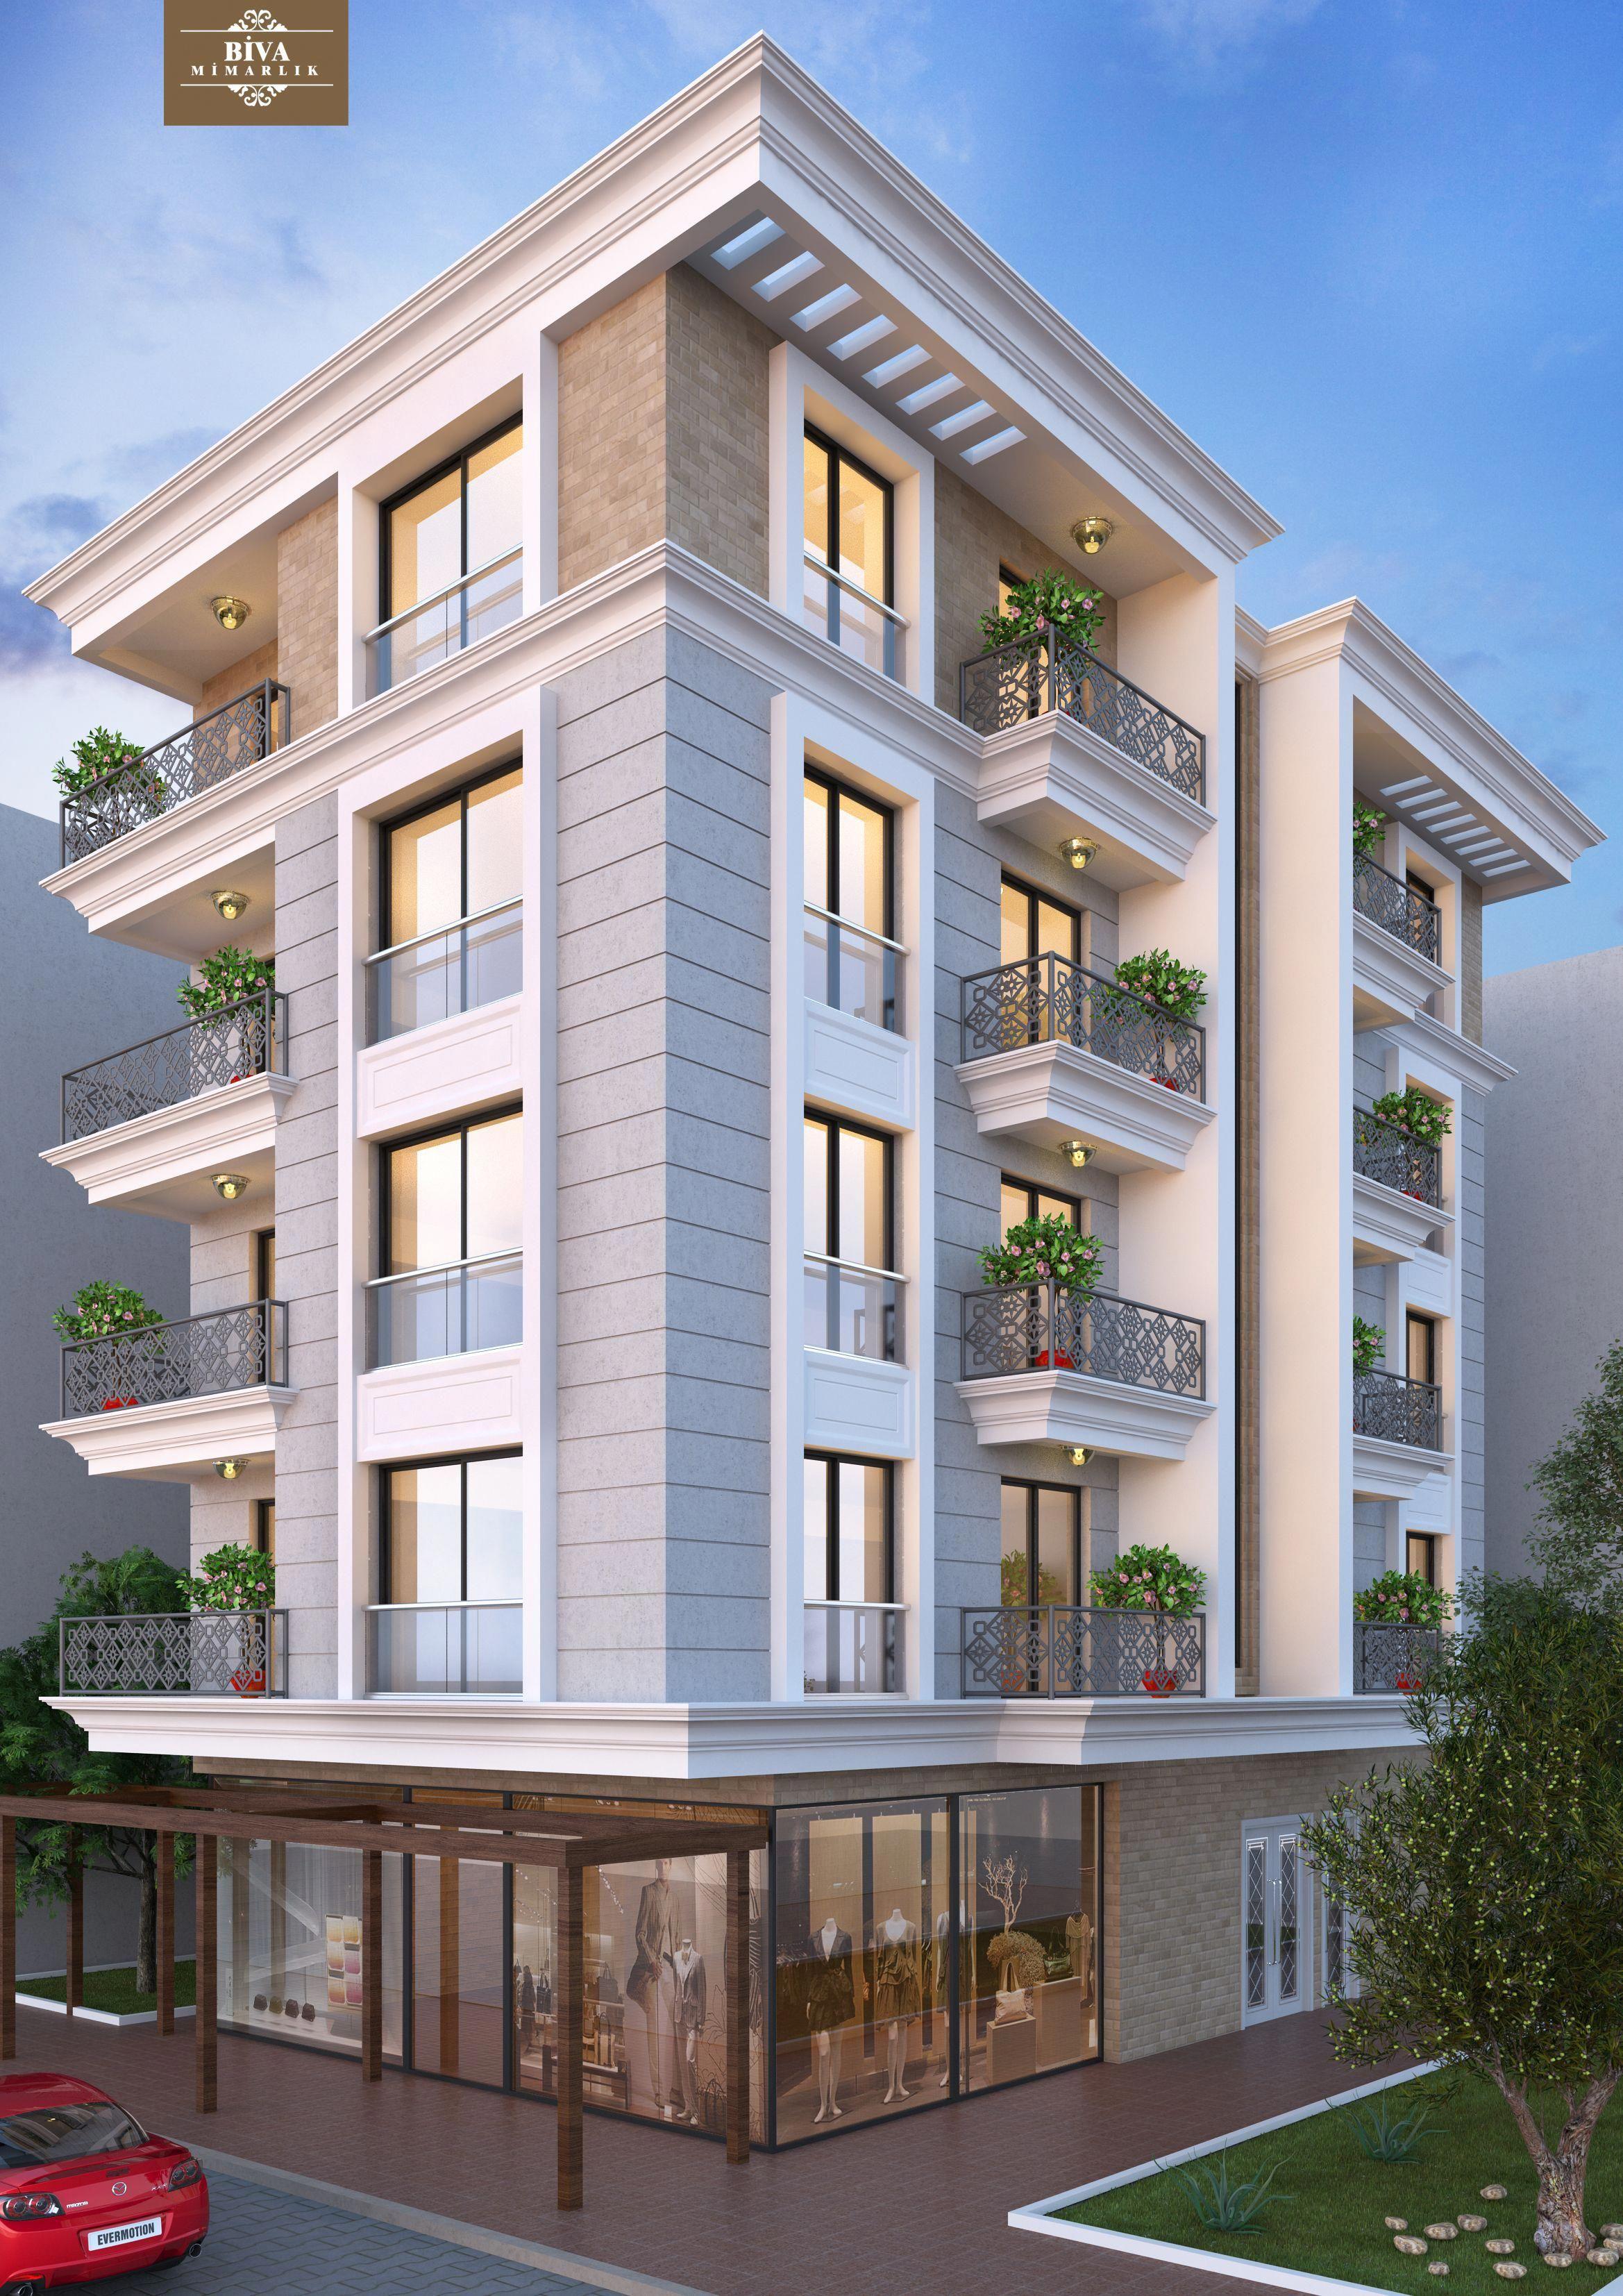 Cephe tasarimi exteriordesignapartment residential architecture design facade exterior also apartment rh pinterest